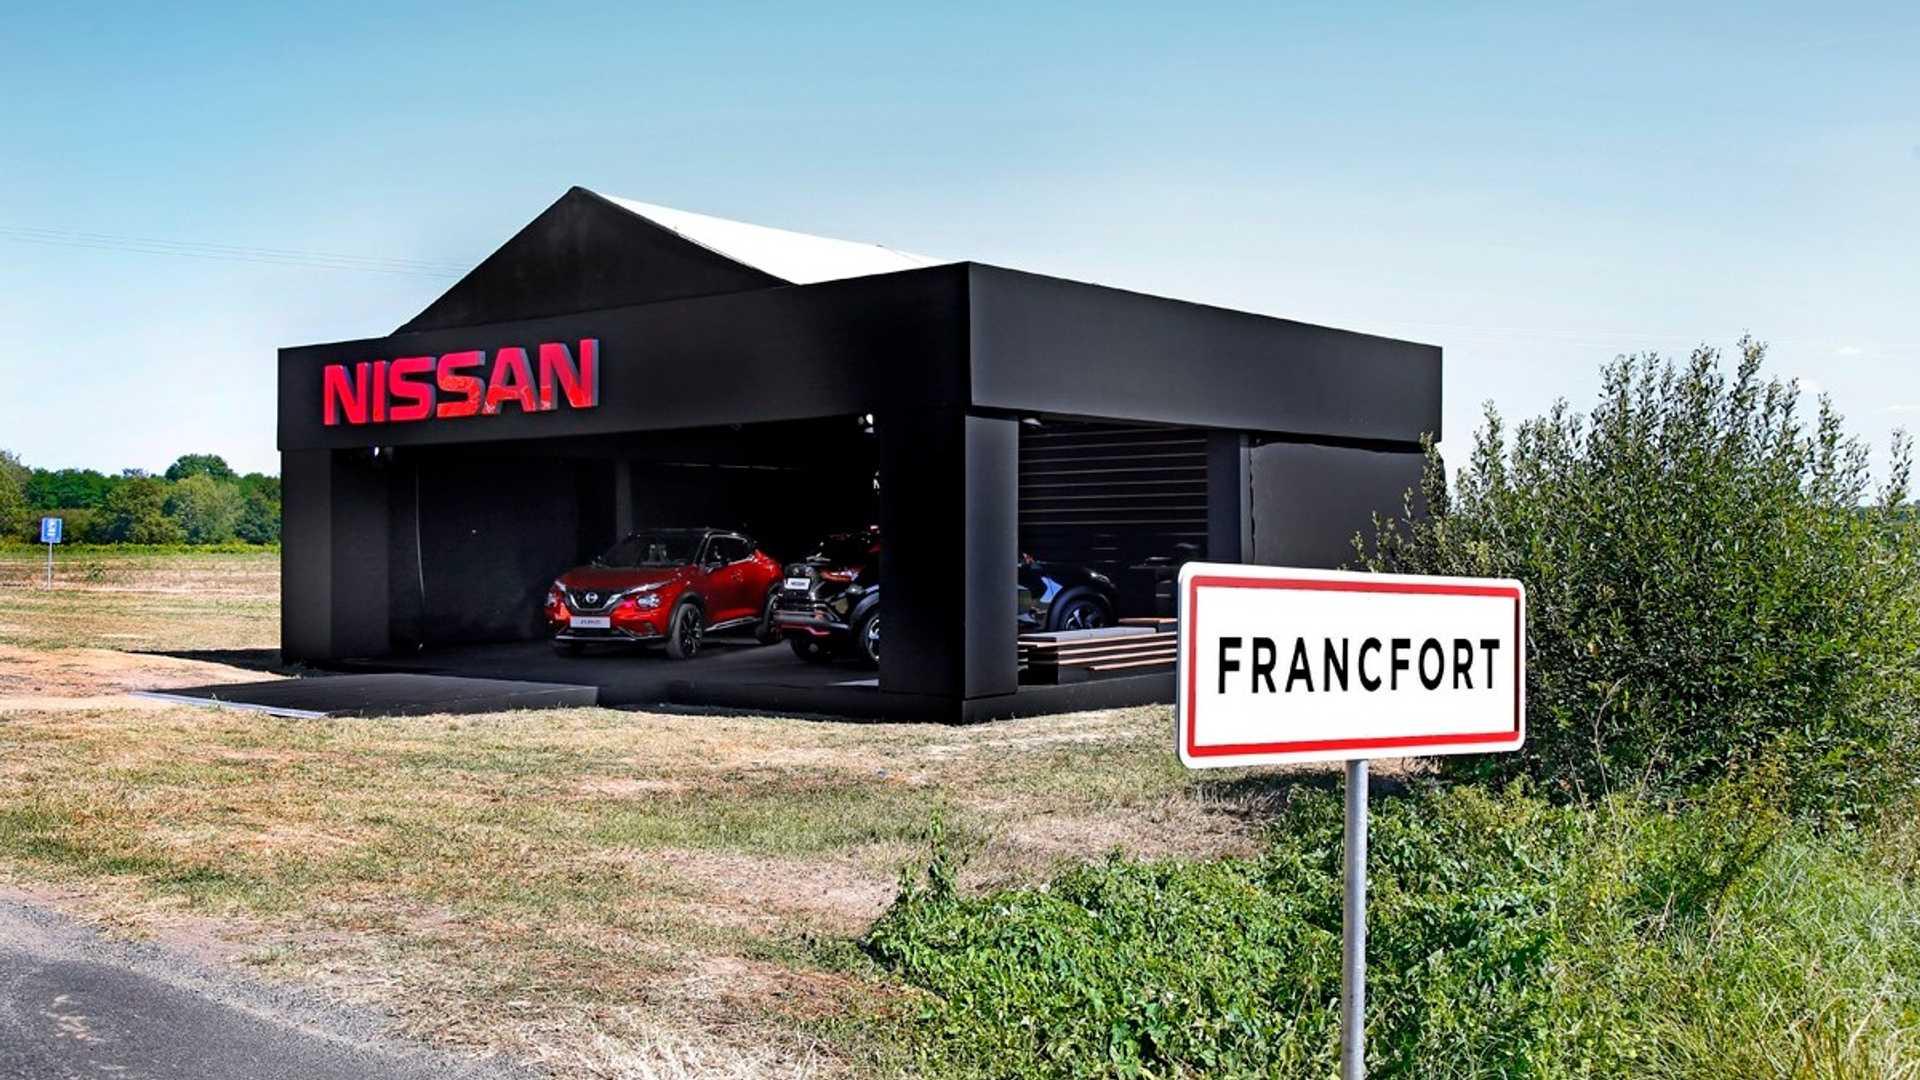 Компания «Ниссан» отказалась от участия во Франкфуртском мотор-шоу, вместо этого она организовала собственное мероприятие под названием Francfort Show 2019 в глухой деревне Франкфорт (Франция), где и провела презентацию Juke II поколения.